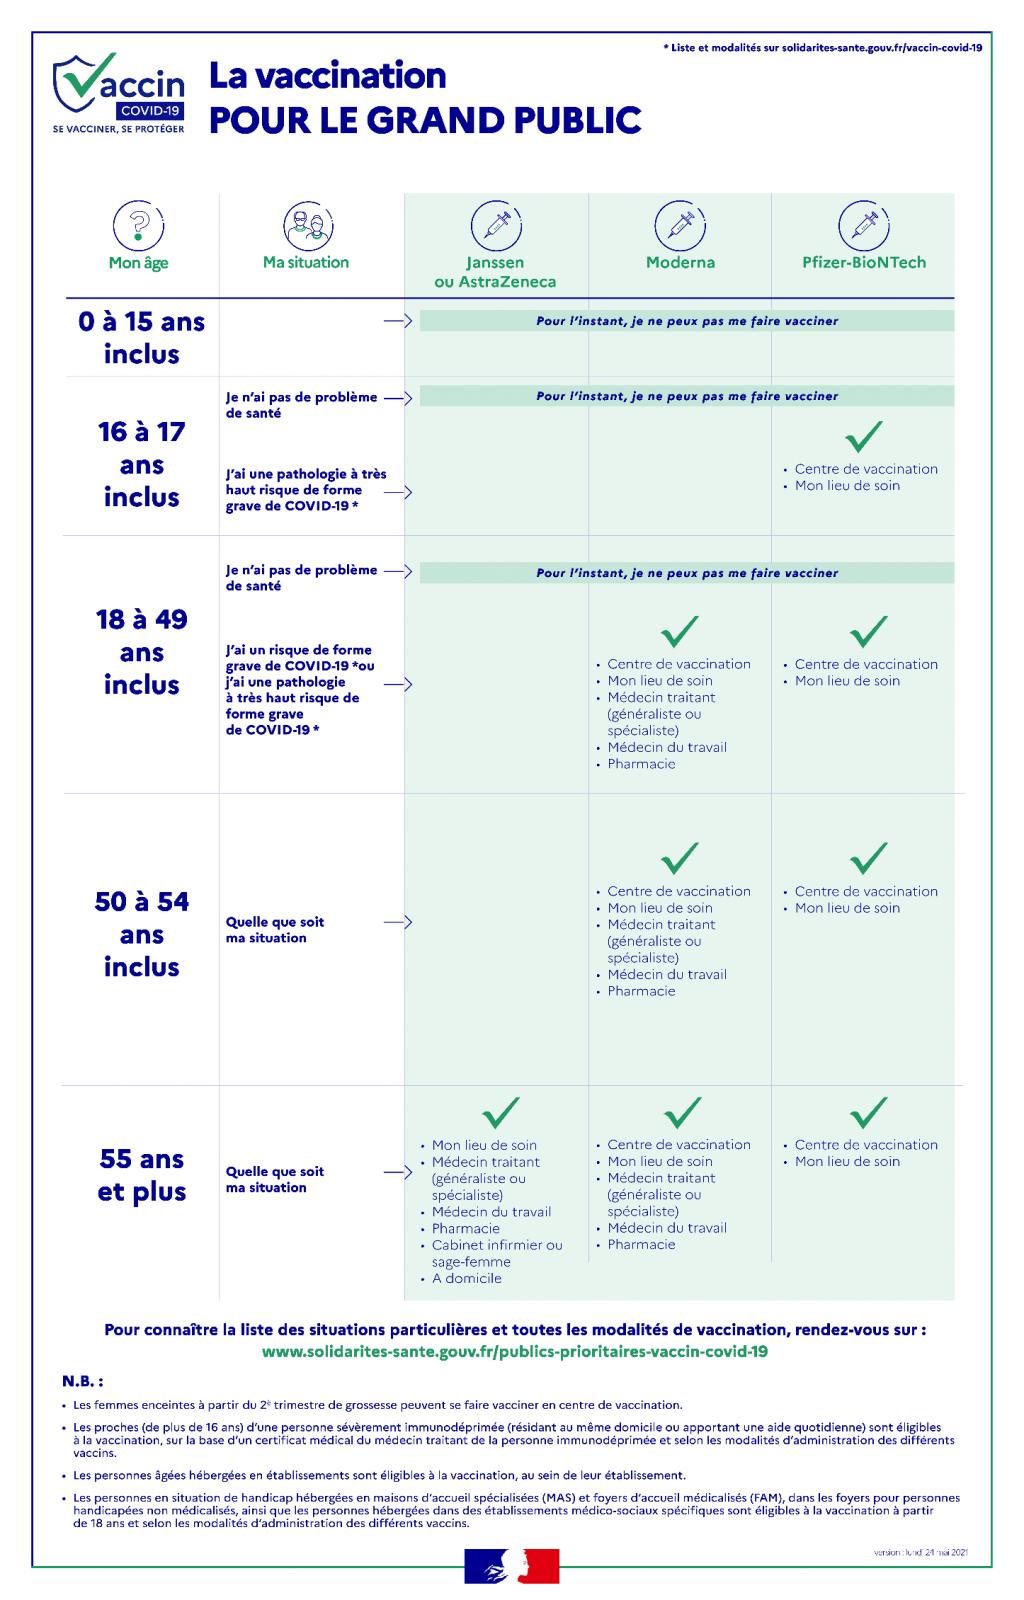 vaccination_pour_le_grand_public-2.png